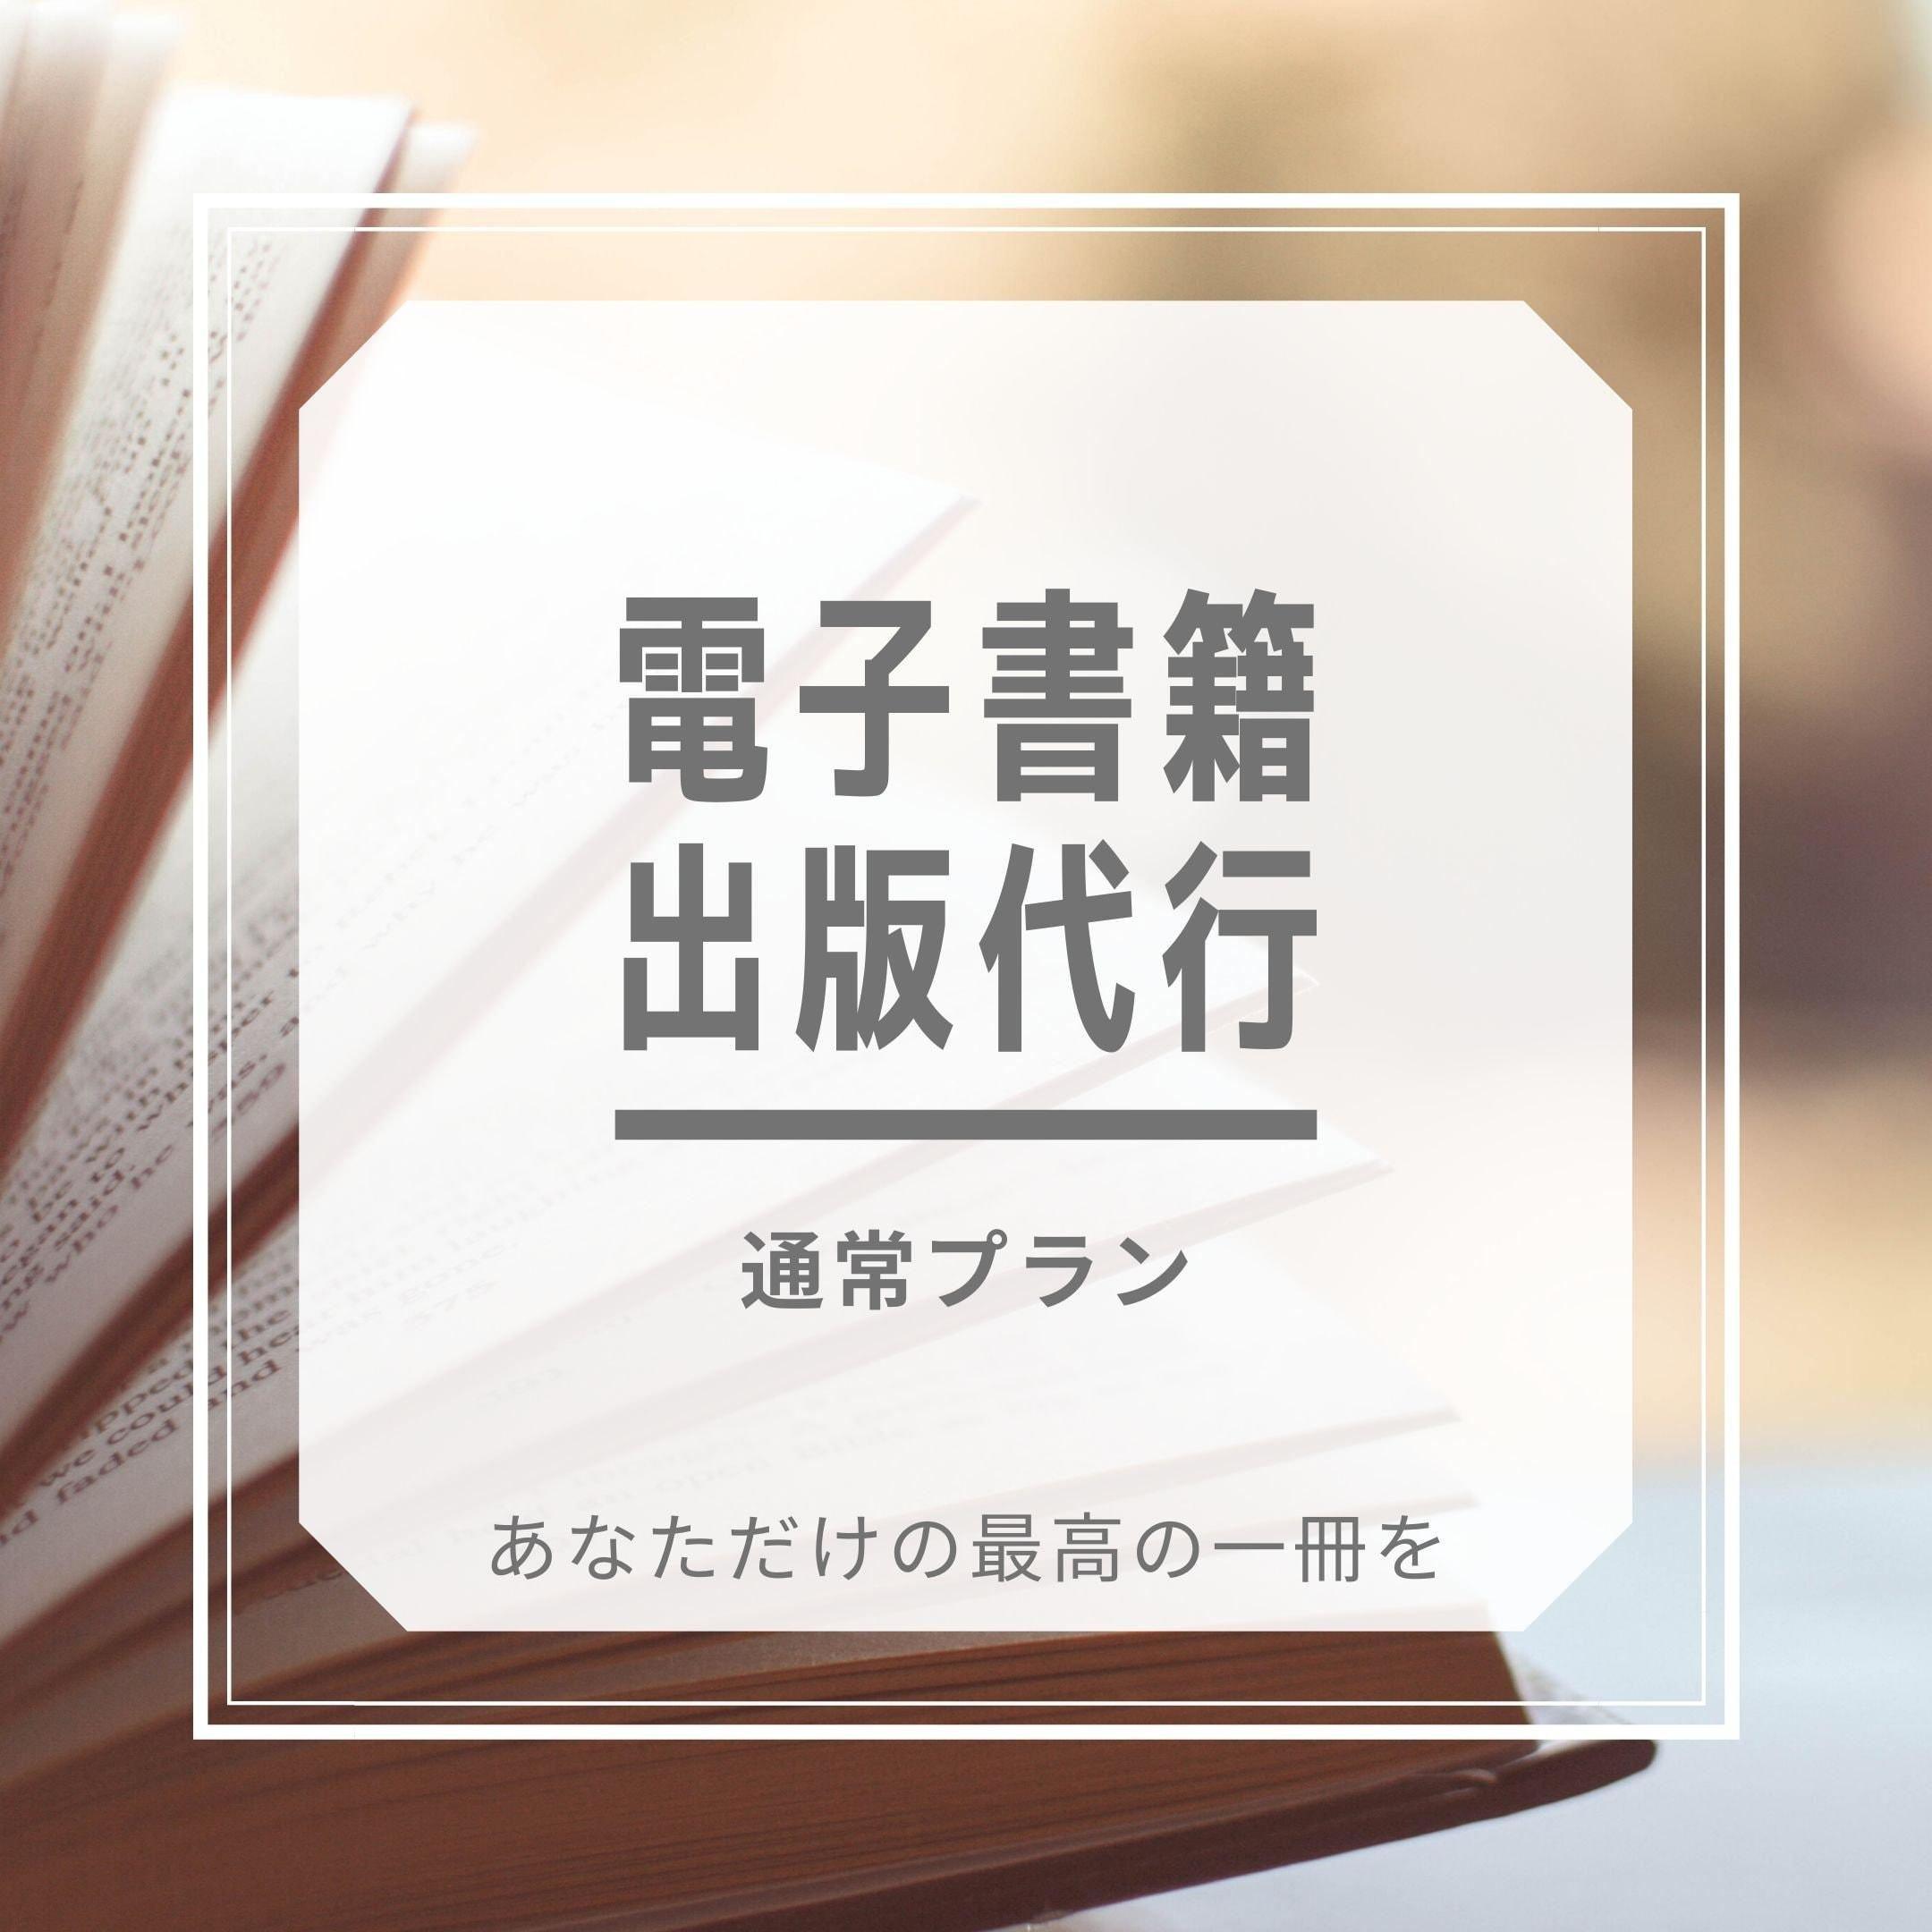 【通常プラン】電子書籍出版代行サービスのイメージその1